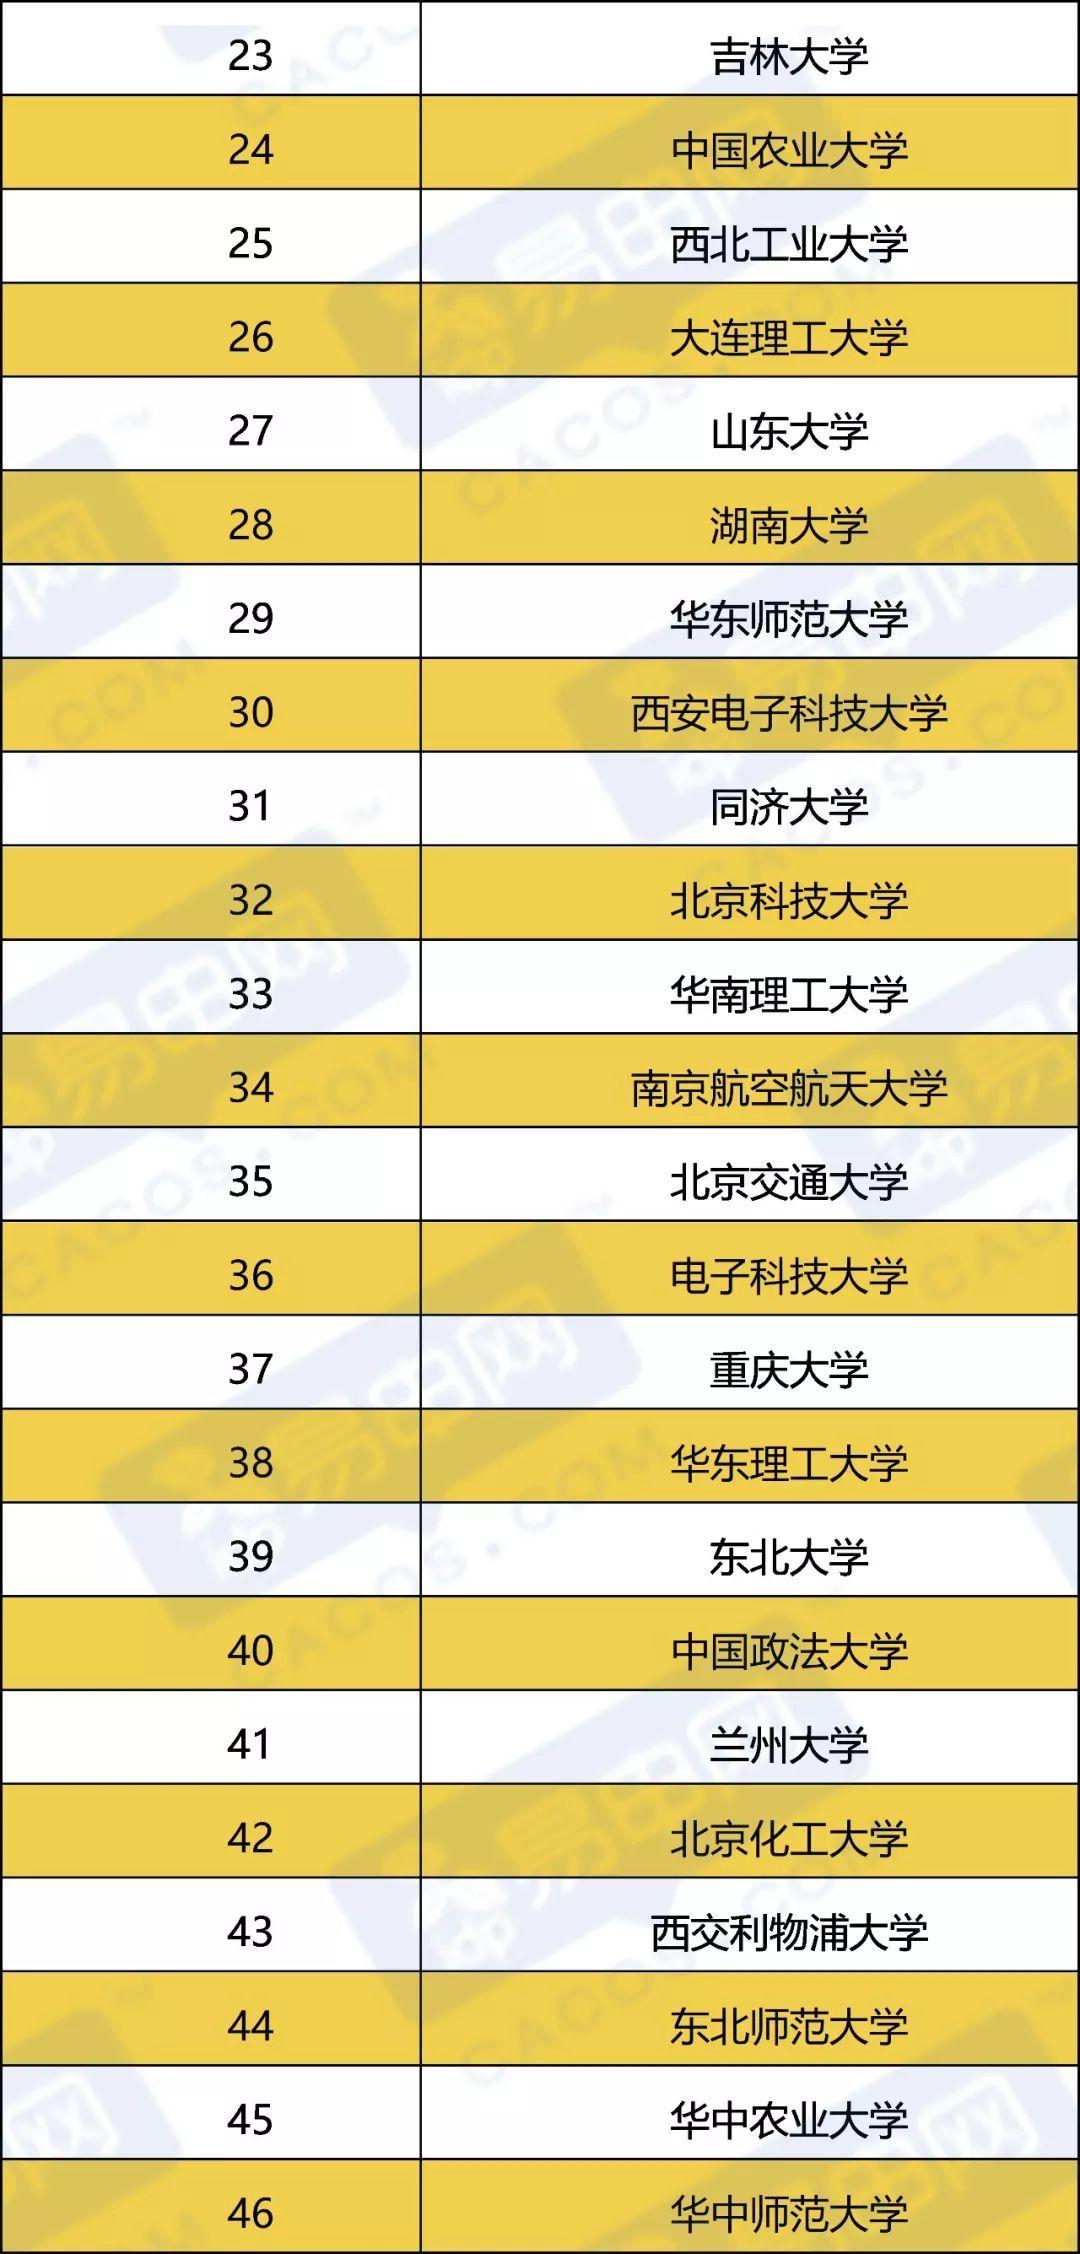 2019网大版大学排行榜_盘点近2年来西北大学拿过的 全国第一 附2019中国